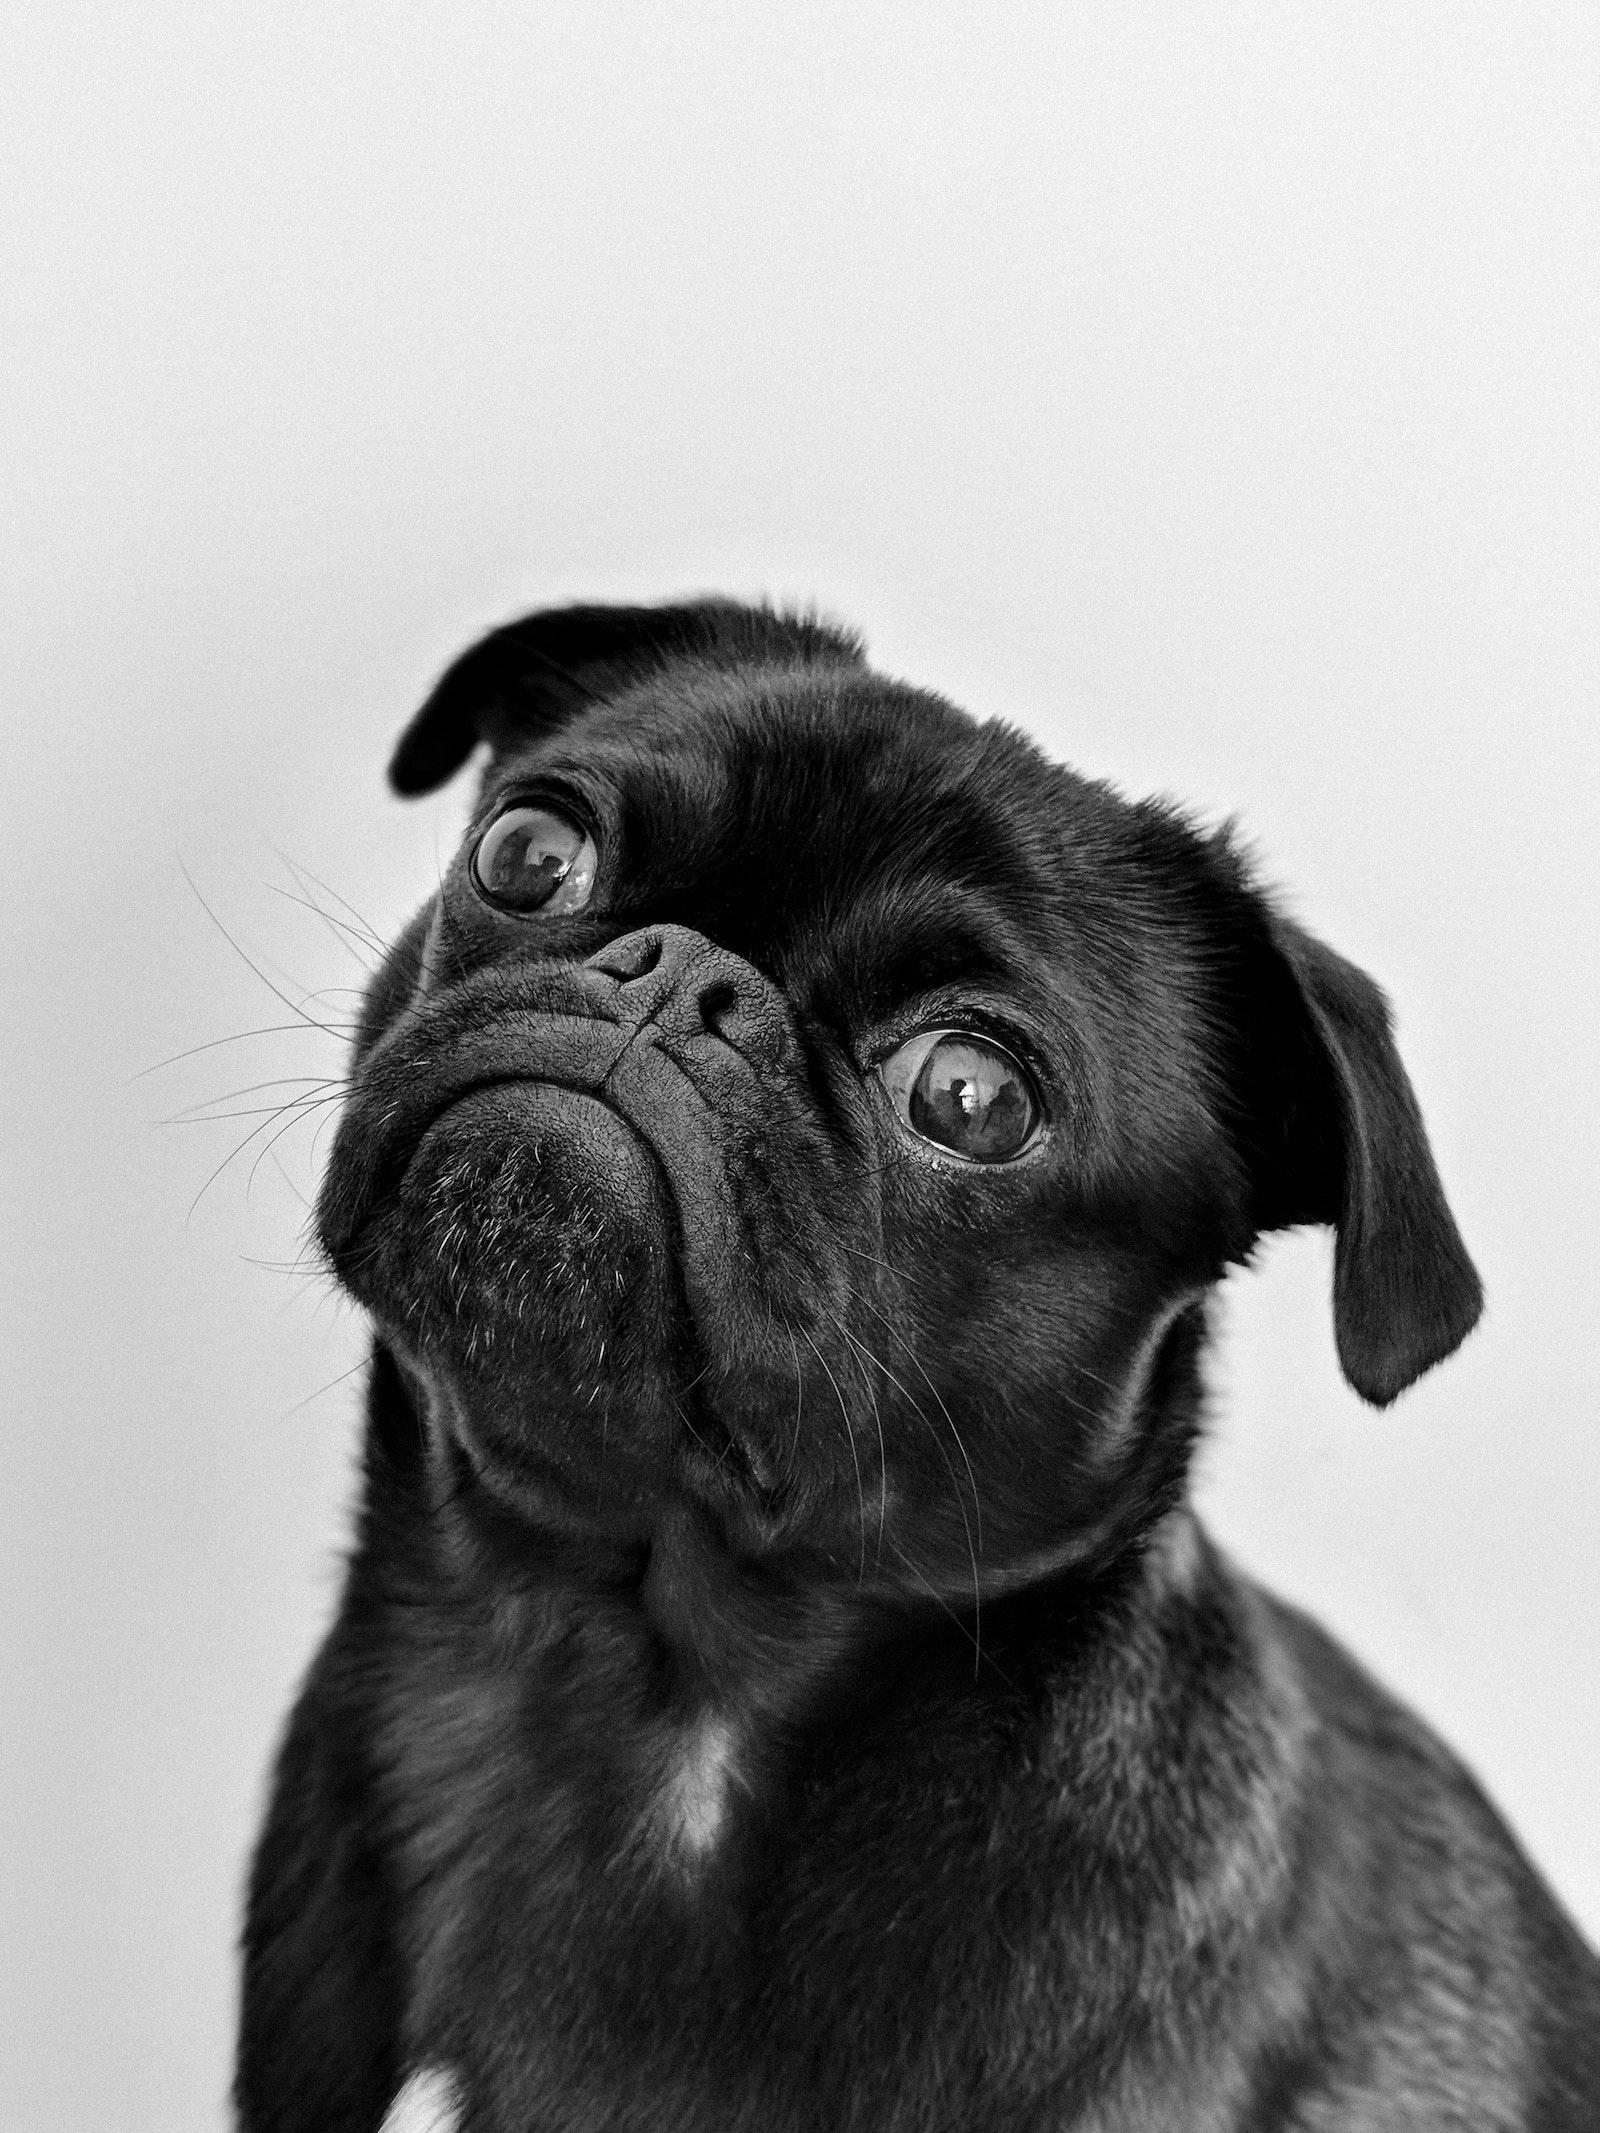 Immagine di un cane